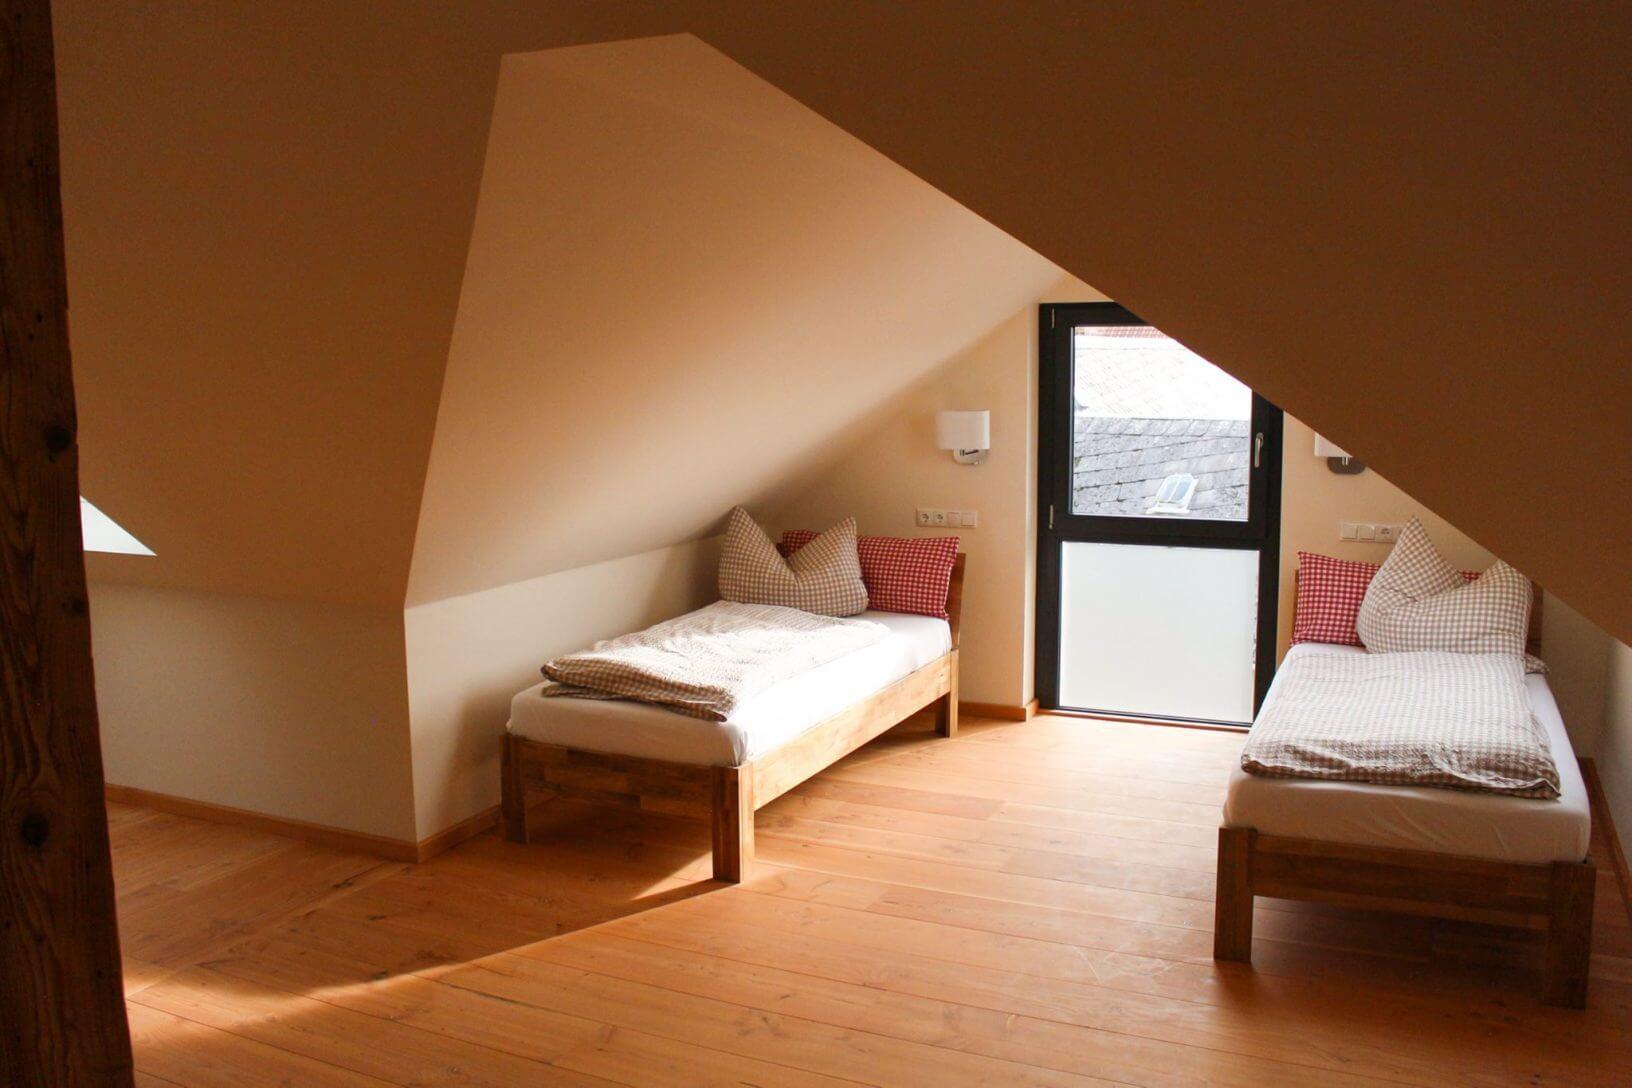 Hotel Turmschule Zeulenroda Klassenzimmer 10, Kategorie OBERSTUFE